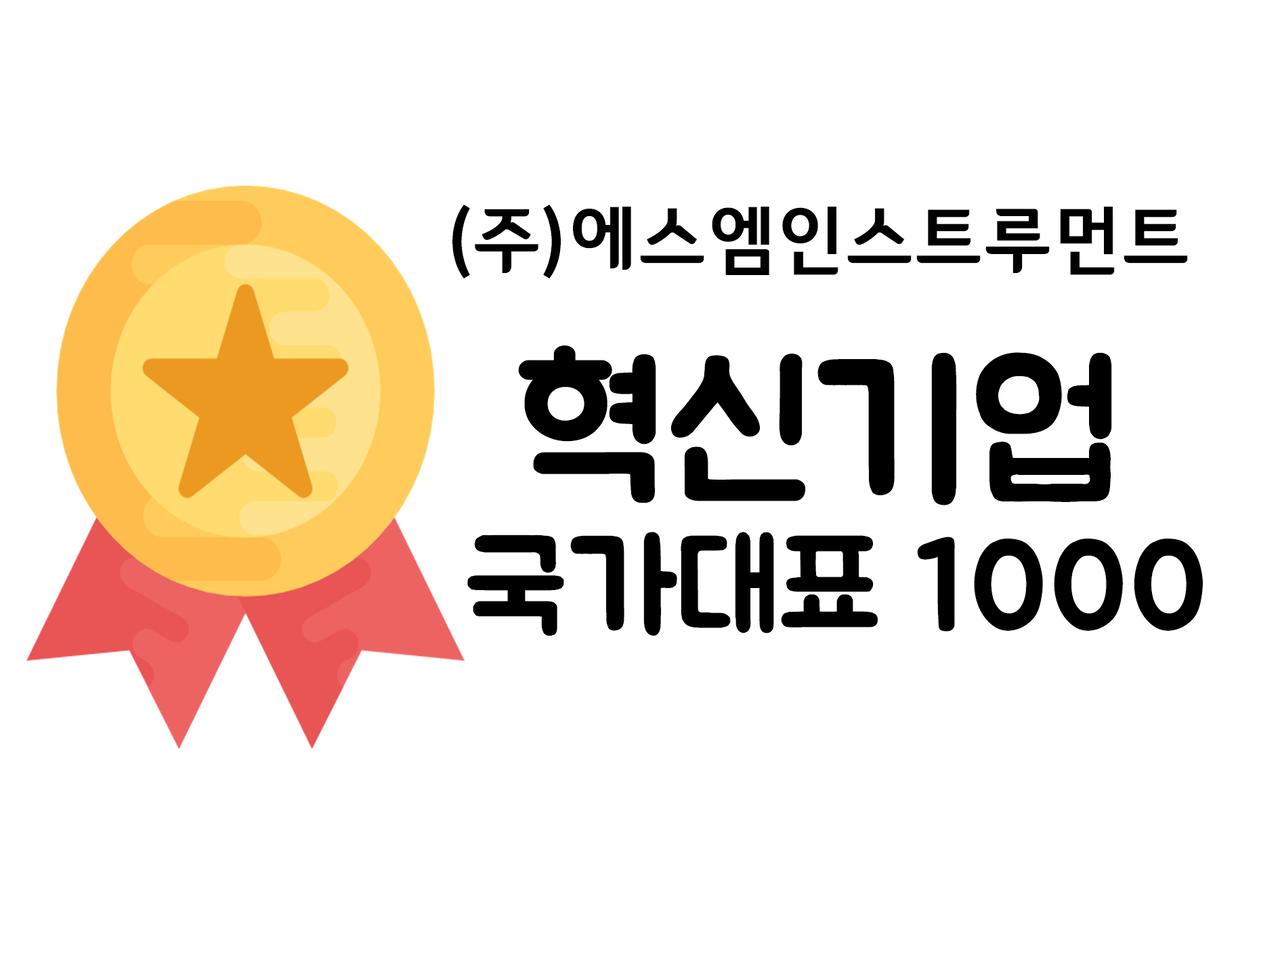 중소벤처기업부 선정 '혁신기업 국가대표 1000'